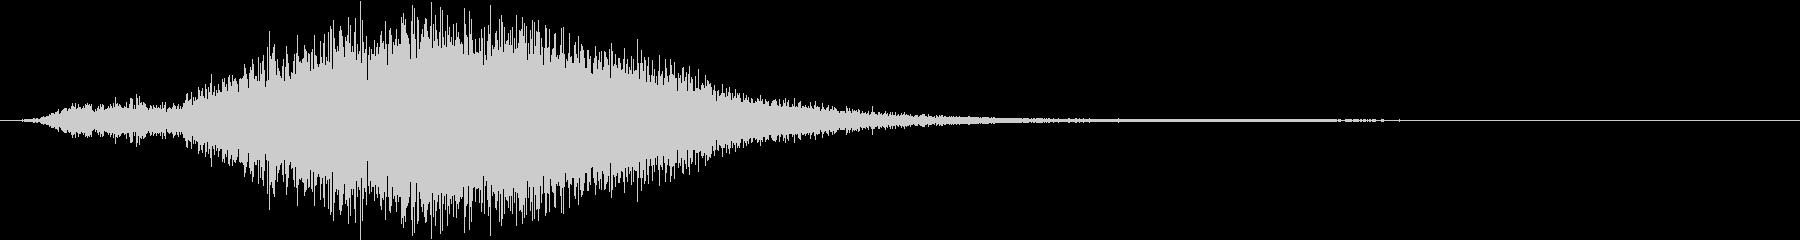 【ホラー・ダーク】崩れ落ちるの未再生の波形